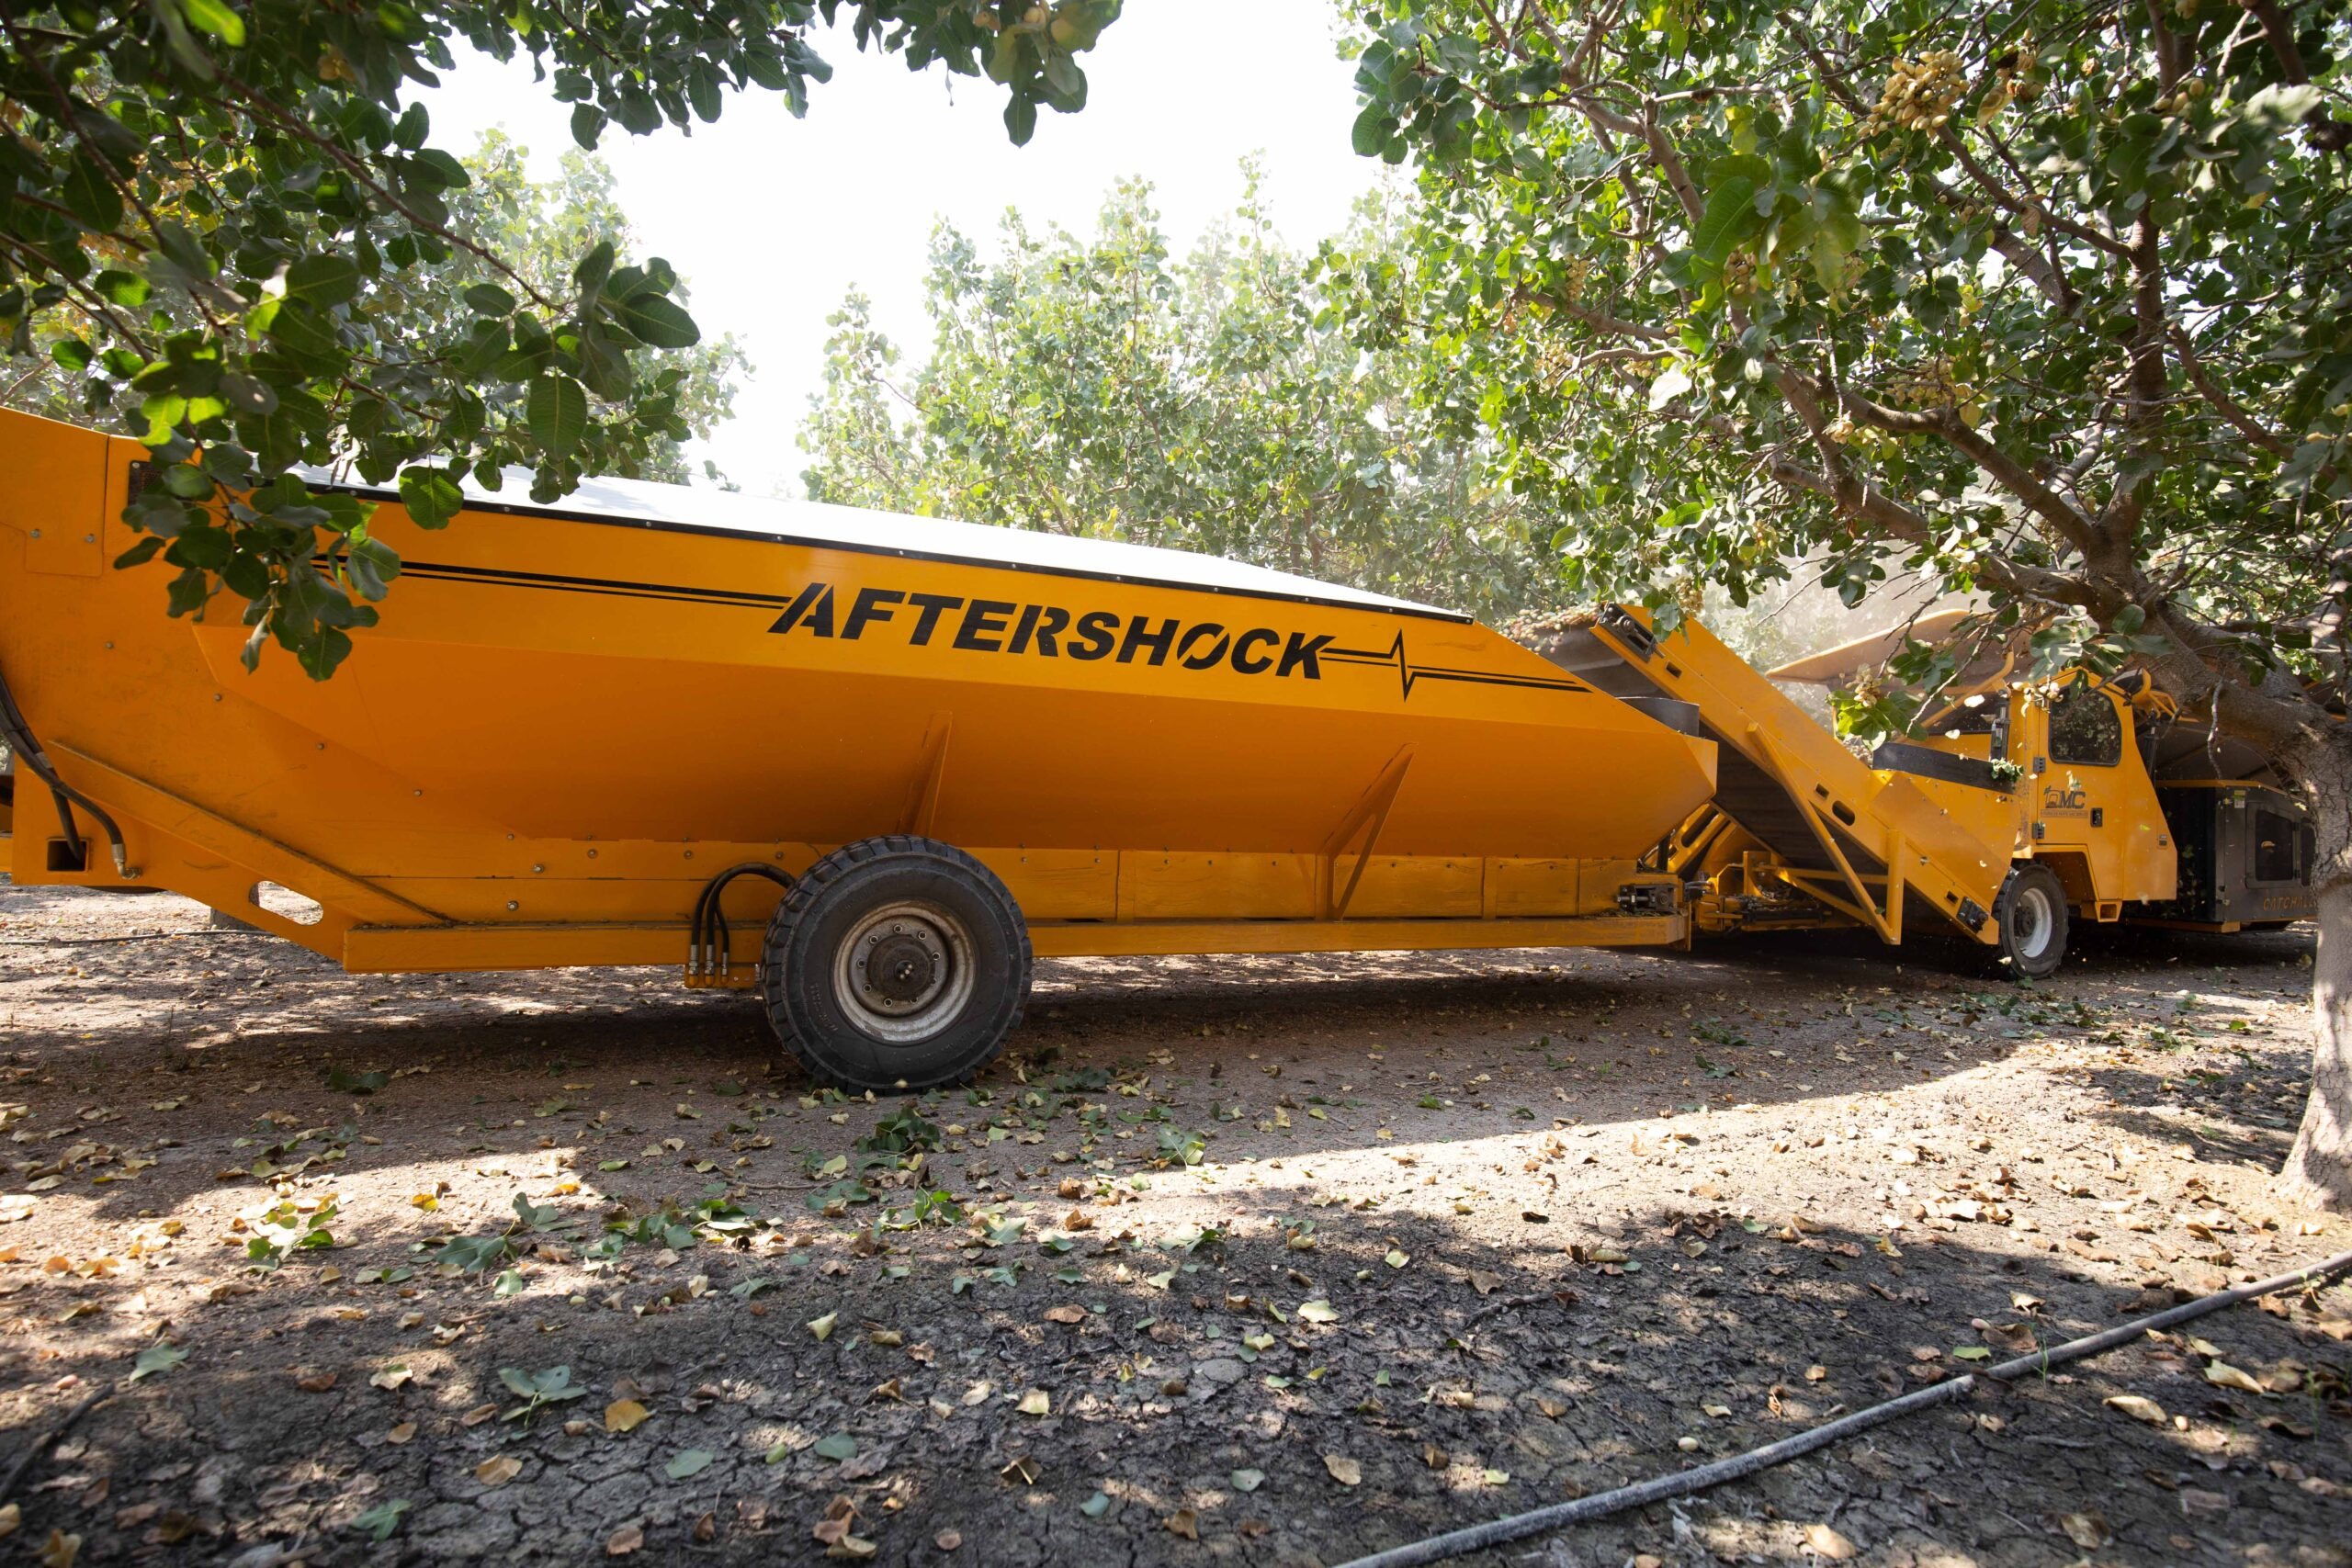 Aftershock CC525 being towed